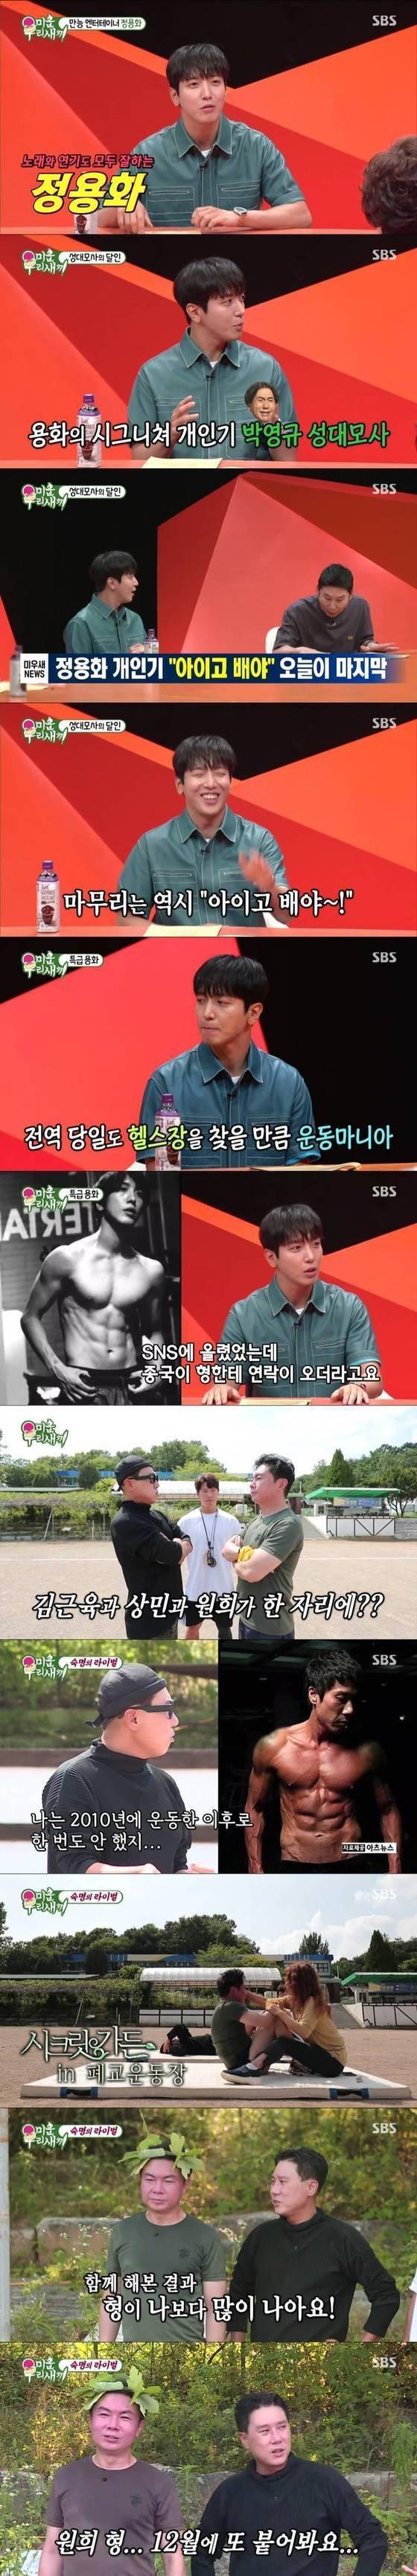 """김연자 """"사랑싸움 하면 일단 나간다""""…일주일 가출 고백"""